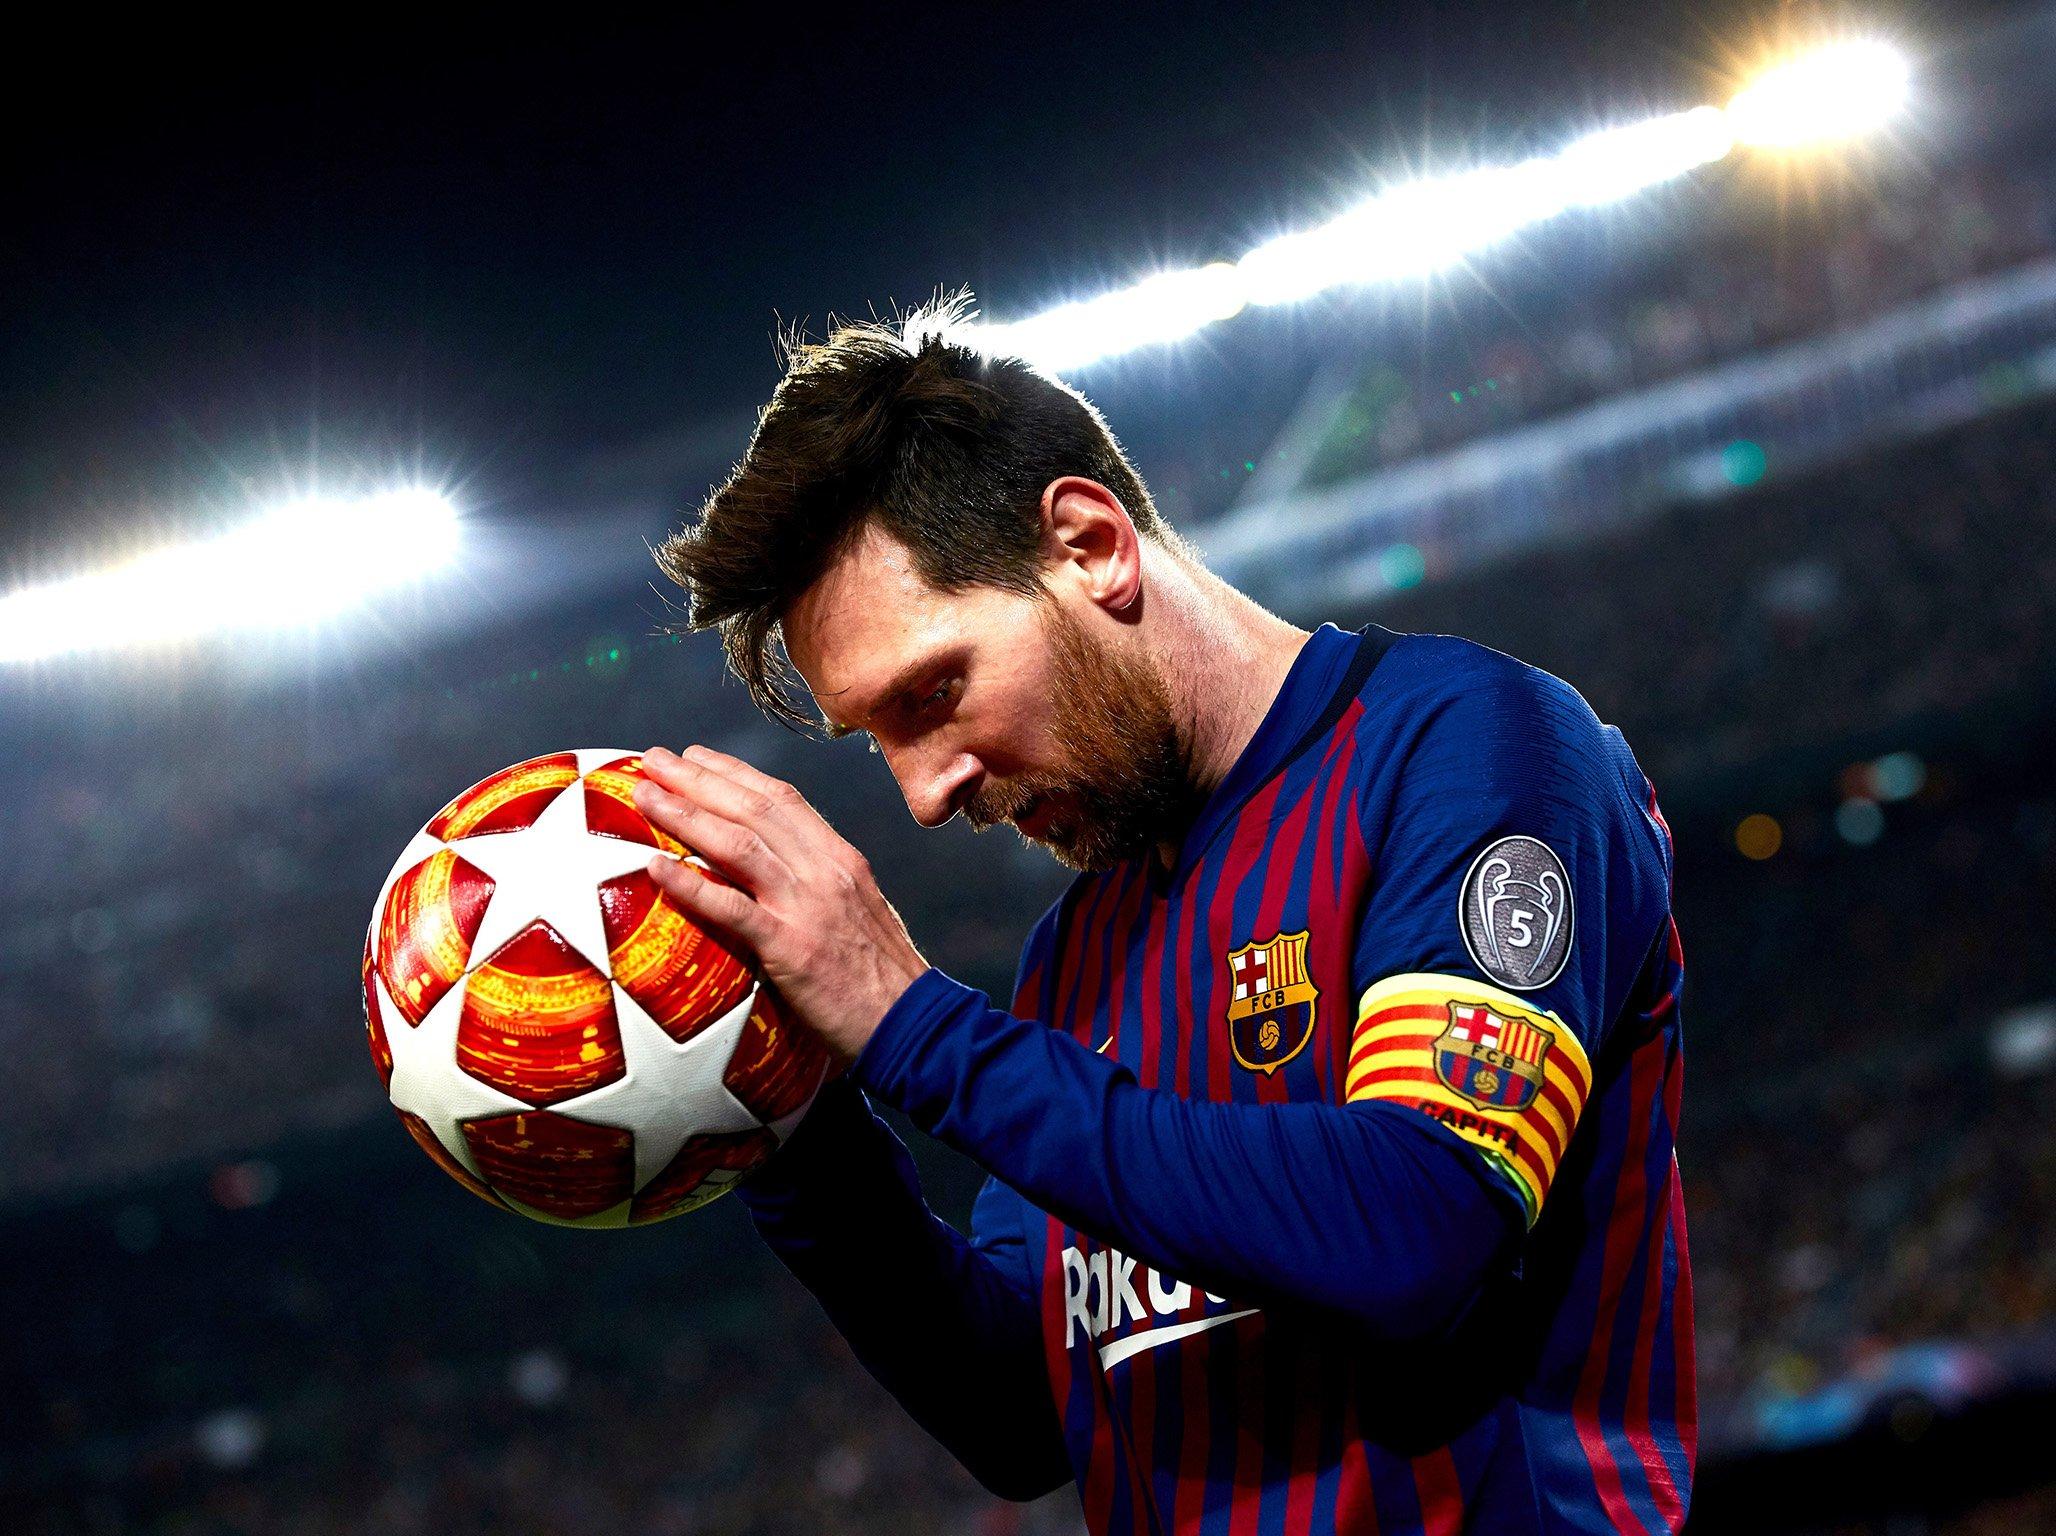 صورة رسميا .. ميسي ينهي مسيرته مع برشلونة